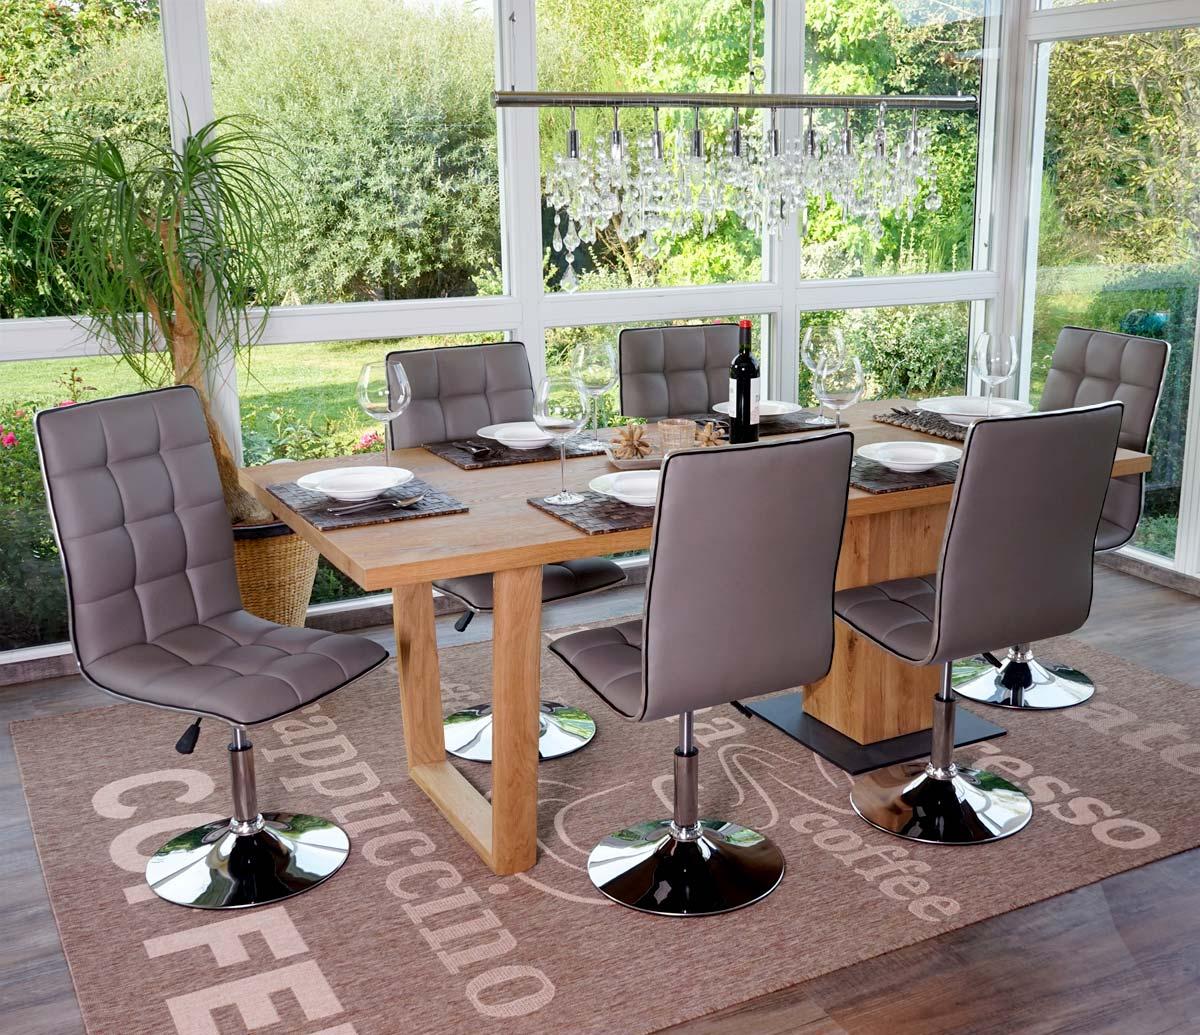 2x esszimmerstuhl hwc c41 stuhl lehnstuhl h henverstellbar drehbar kunstleder taupe. Black Bedroom Furniture Sets. Home Design Ideas